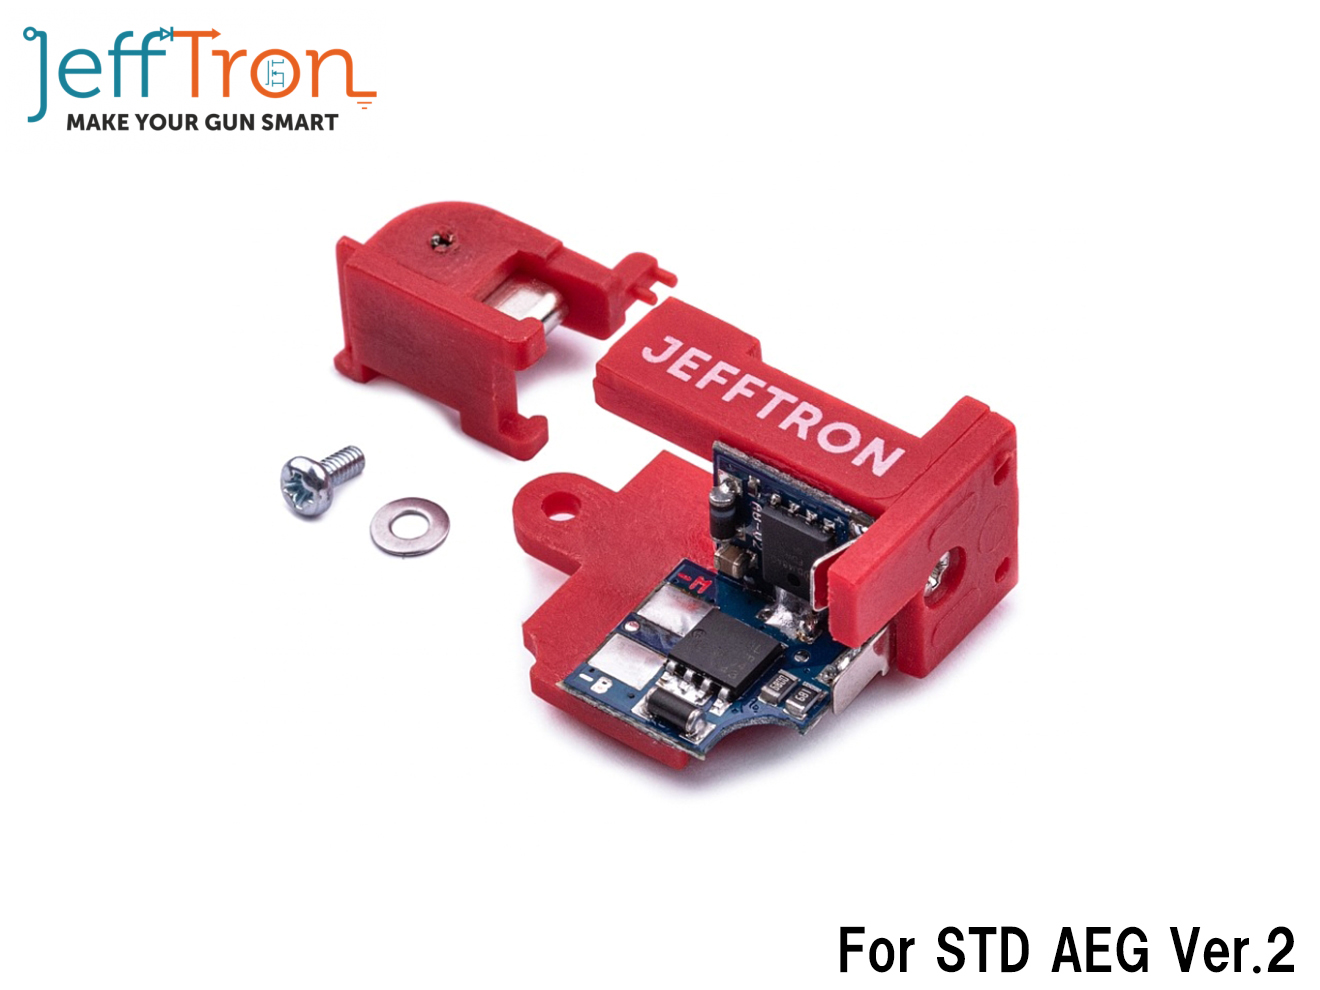 Jefftron アクティブブレーキ V2◆FET/モーターブレーキ/電動ガン/AEG/デバイス/active brake/東京マルイ/バージョン2/Ver.2